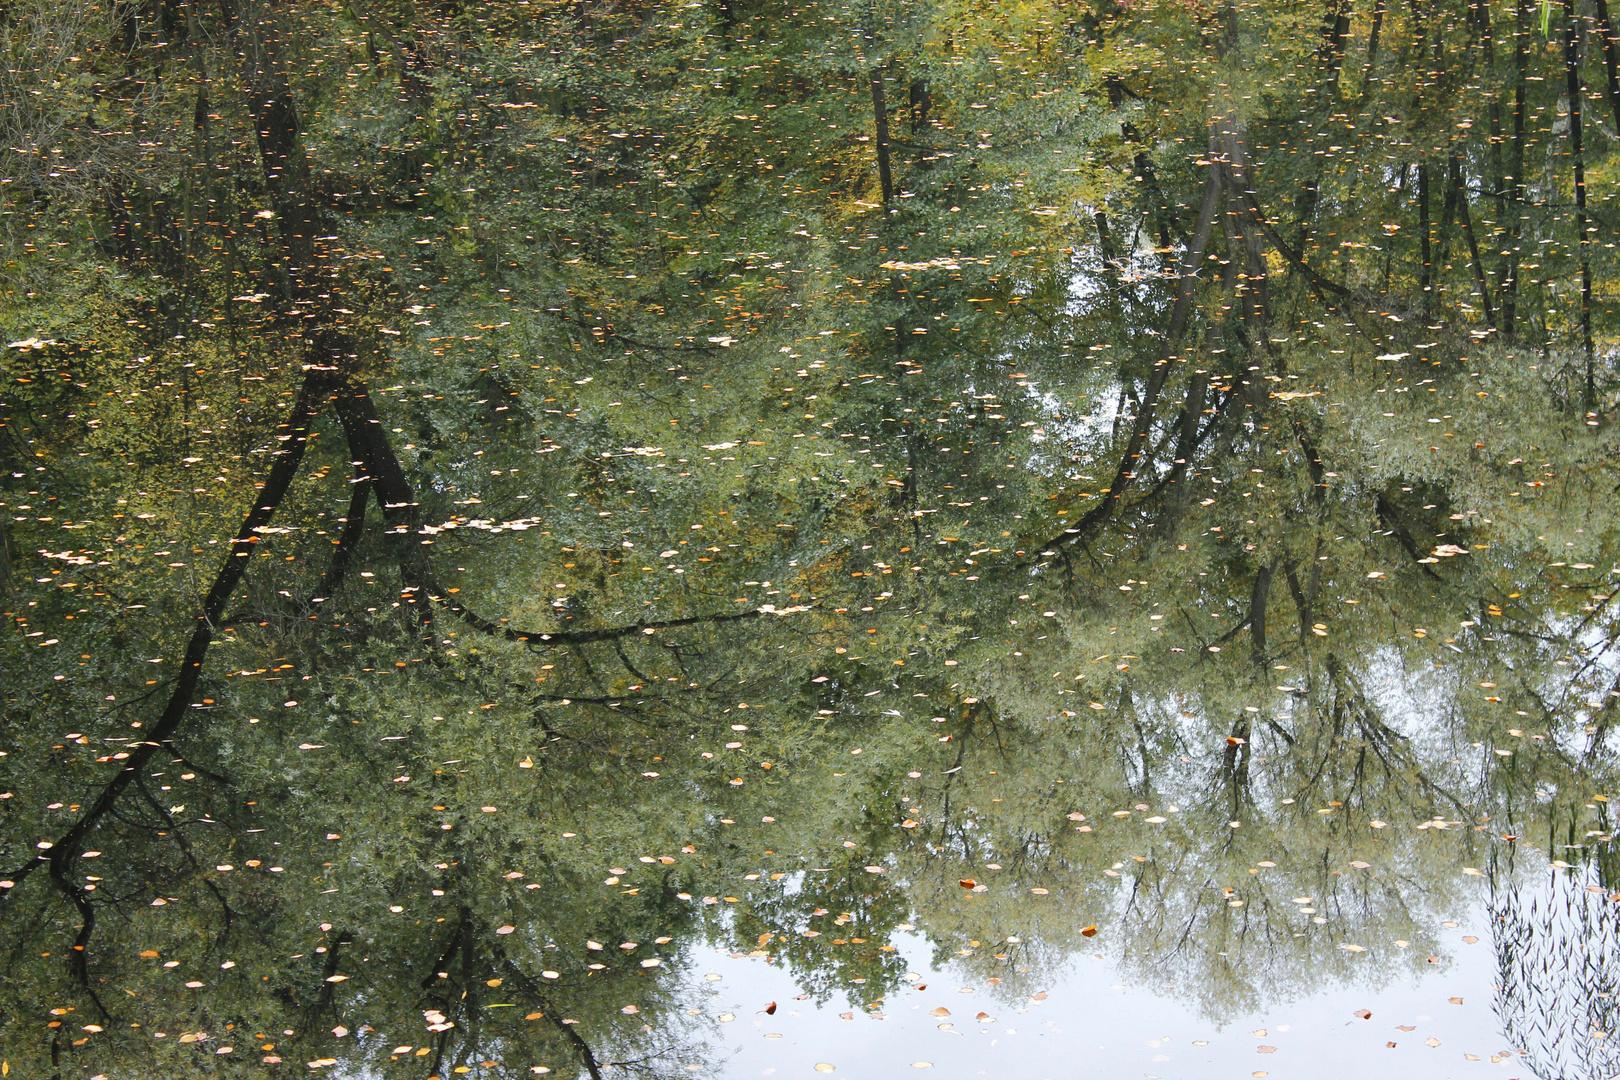 Wasserspiegelung in der Rehberge-Berlin